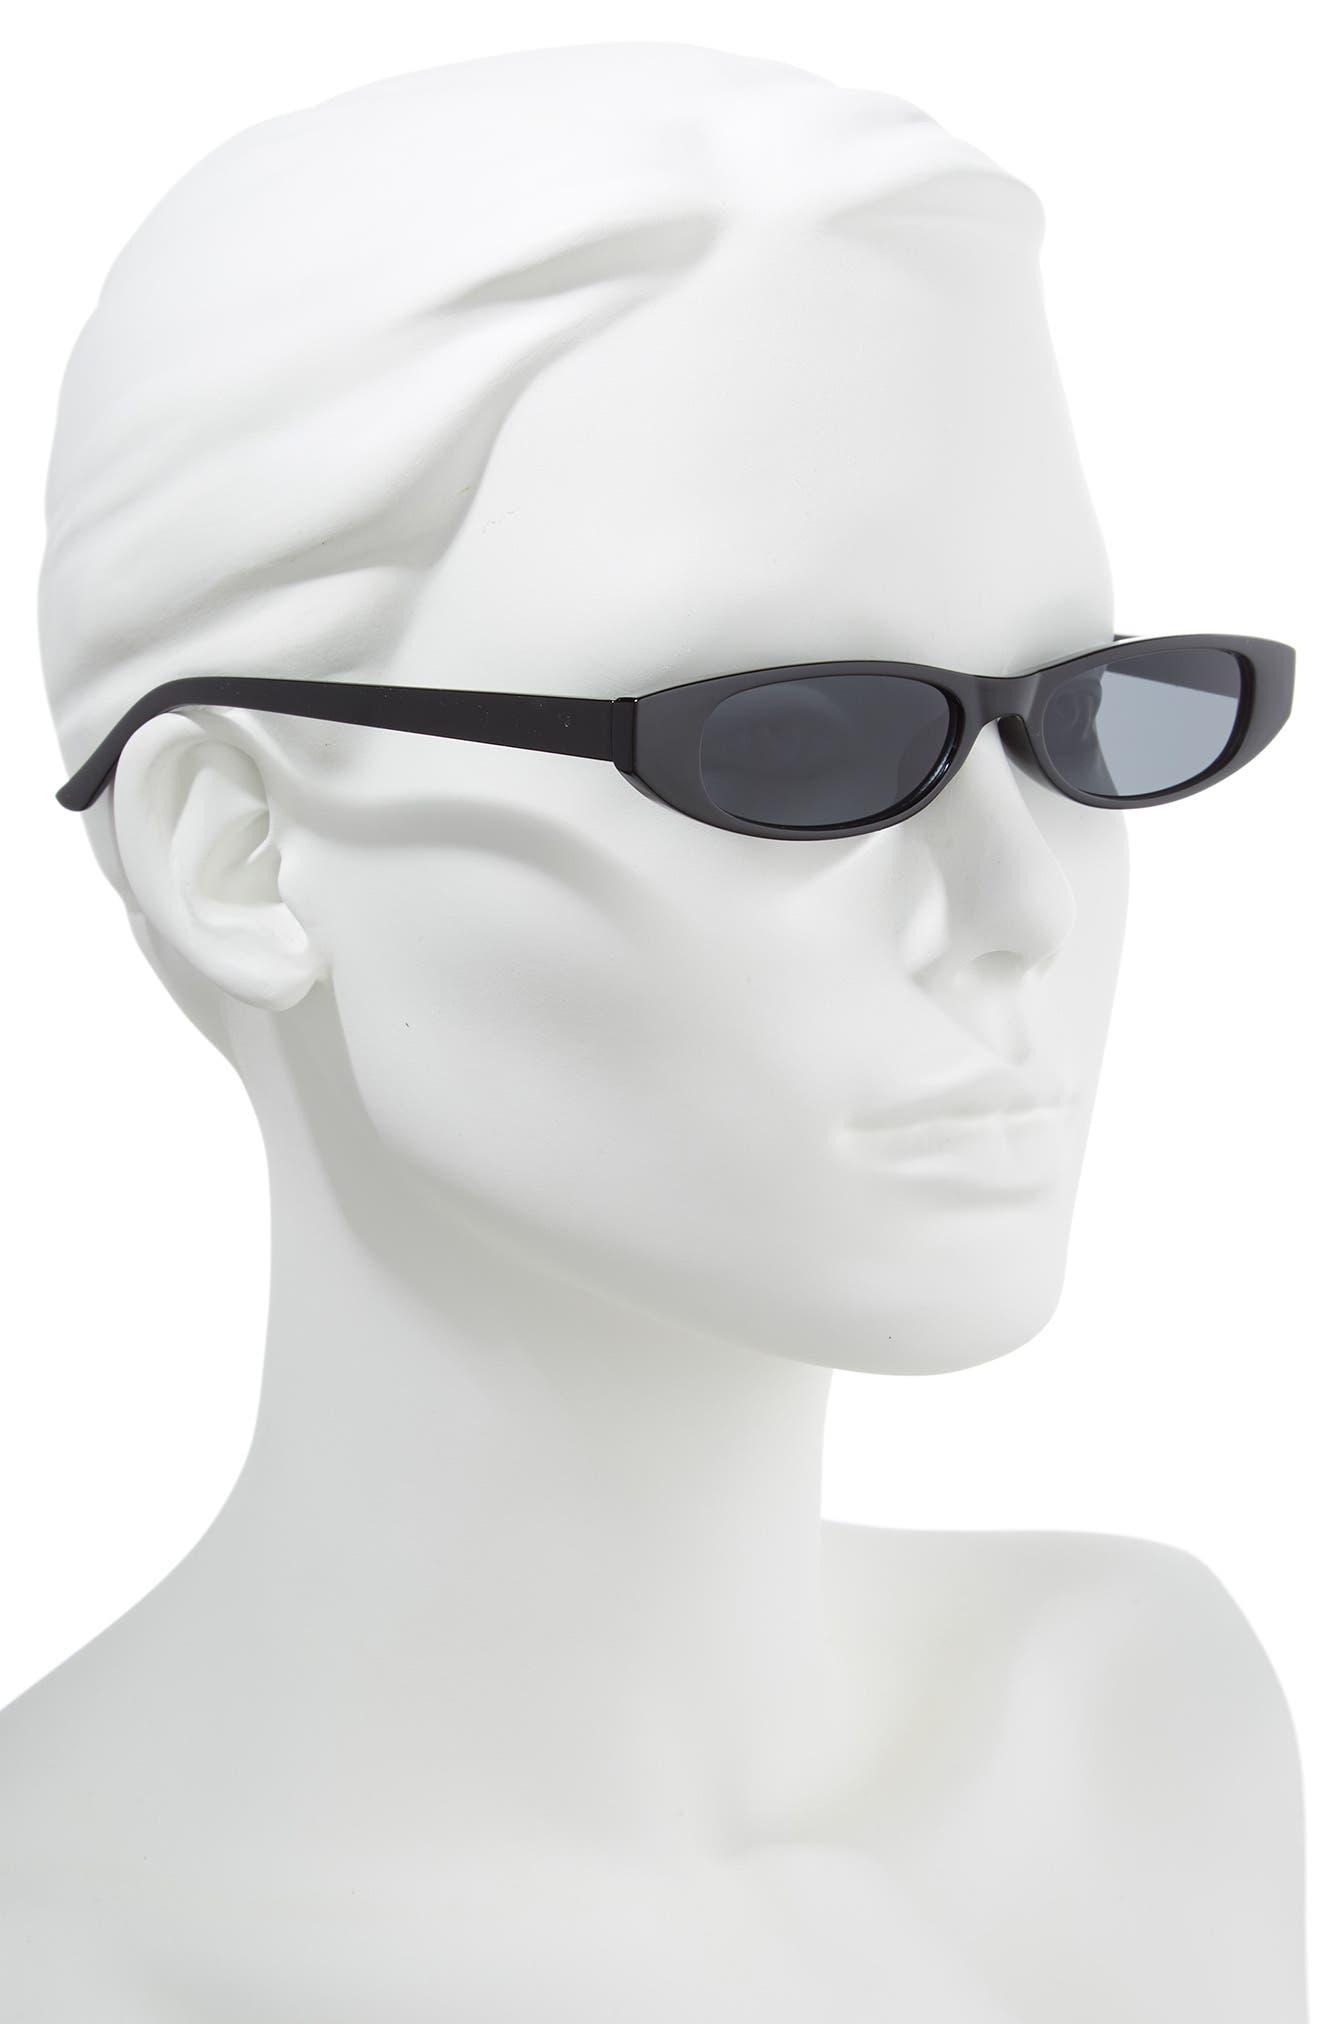 50mm Geometric Sunglasses,                             Alternate thumbnail 2, color,                             Black